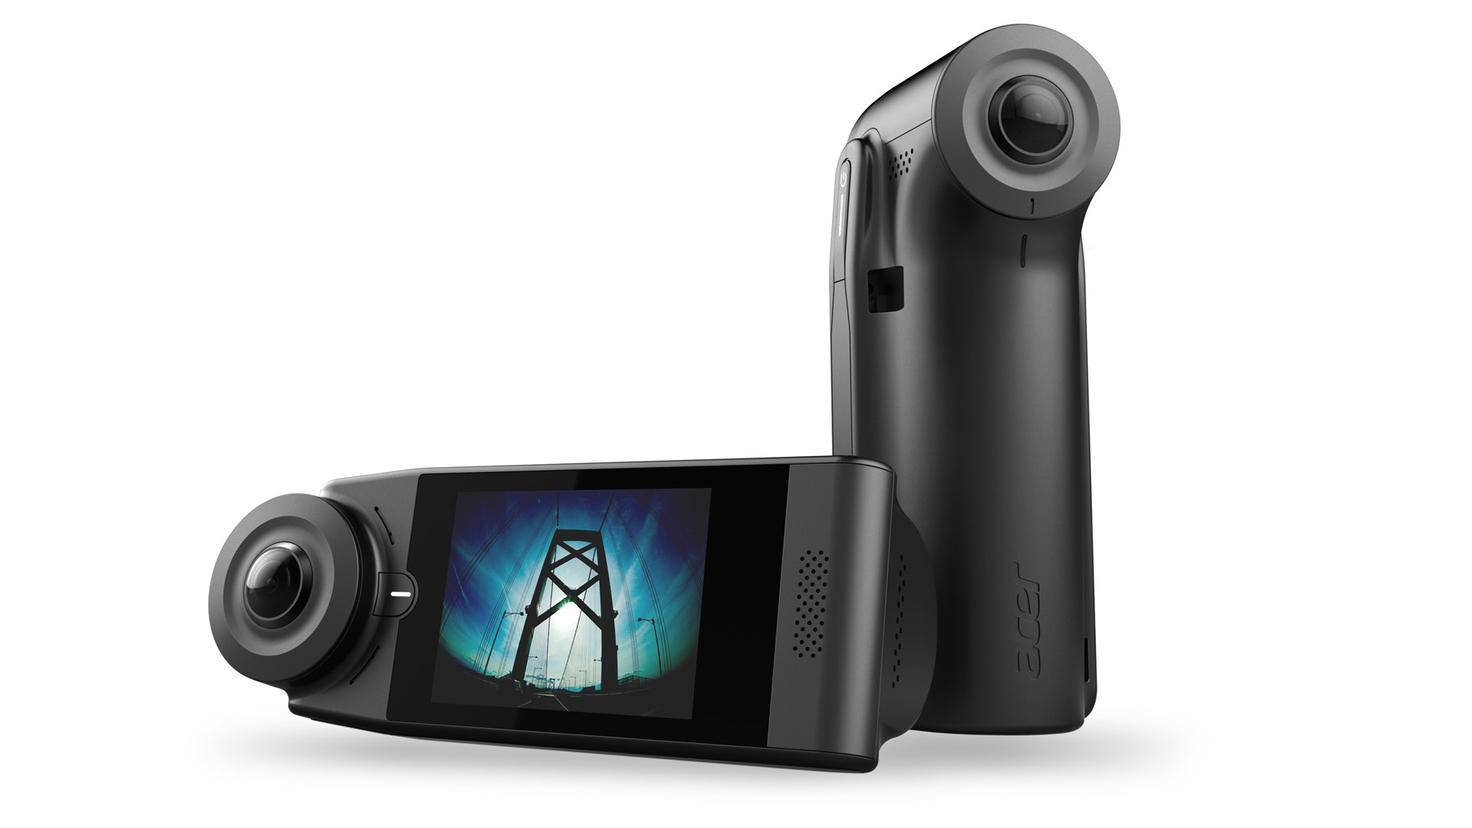 Diese 360-Grad-Kamera filmt im Auto sogar die Insassen.